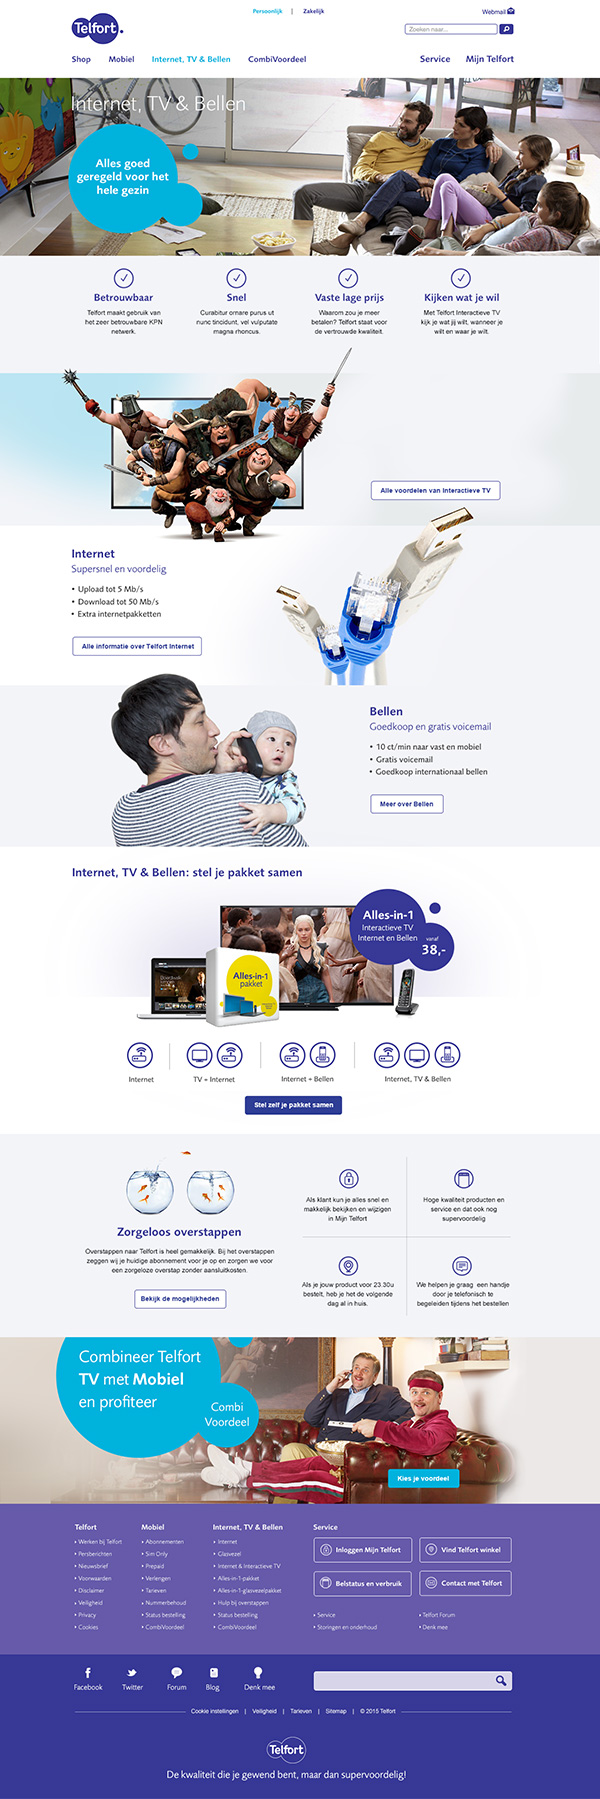 Afbeelding 1 van 4 - Telfort webshop pagina's re-design - 'Internet, tv en bellen'-homepage